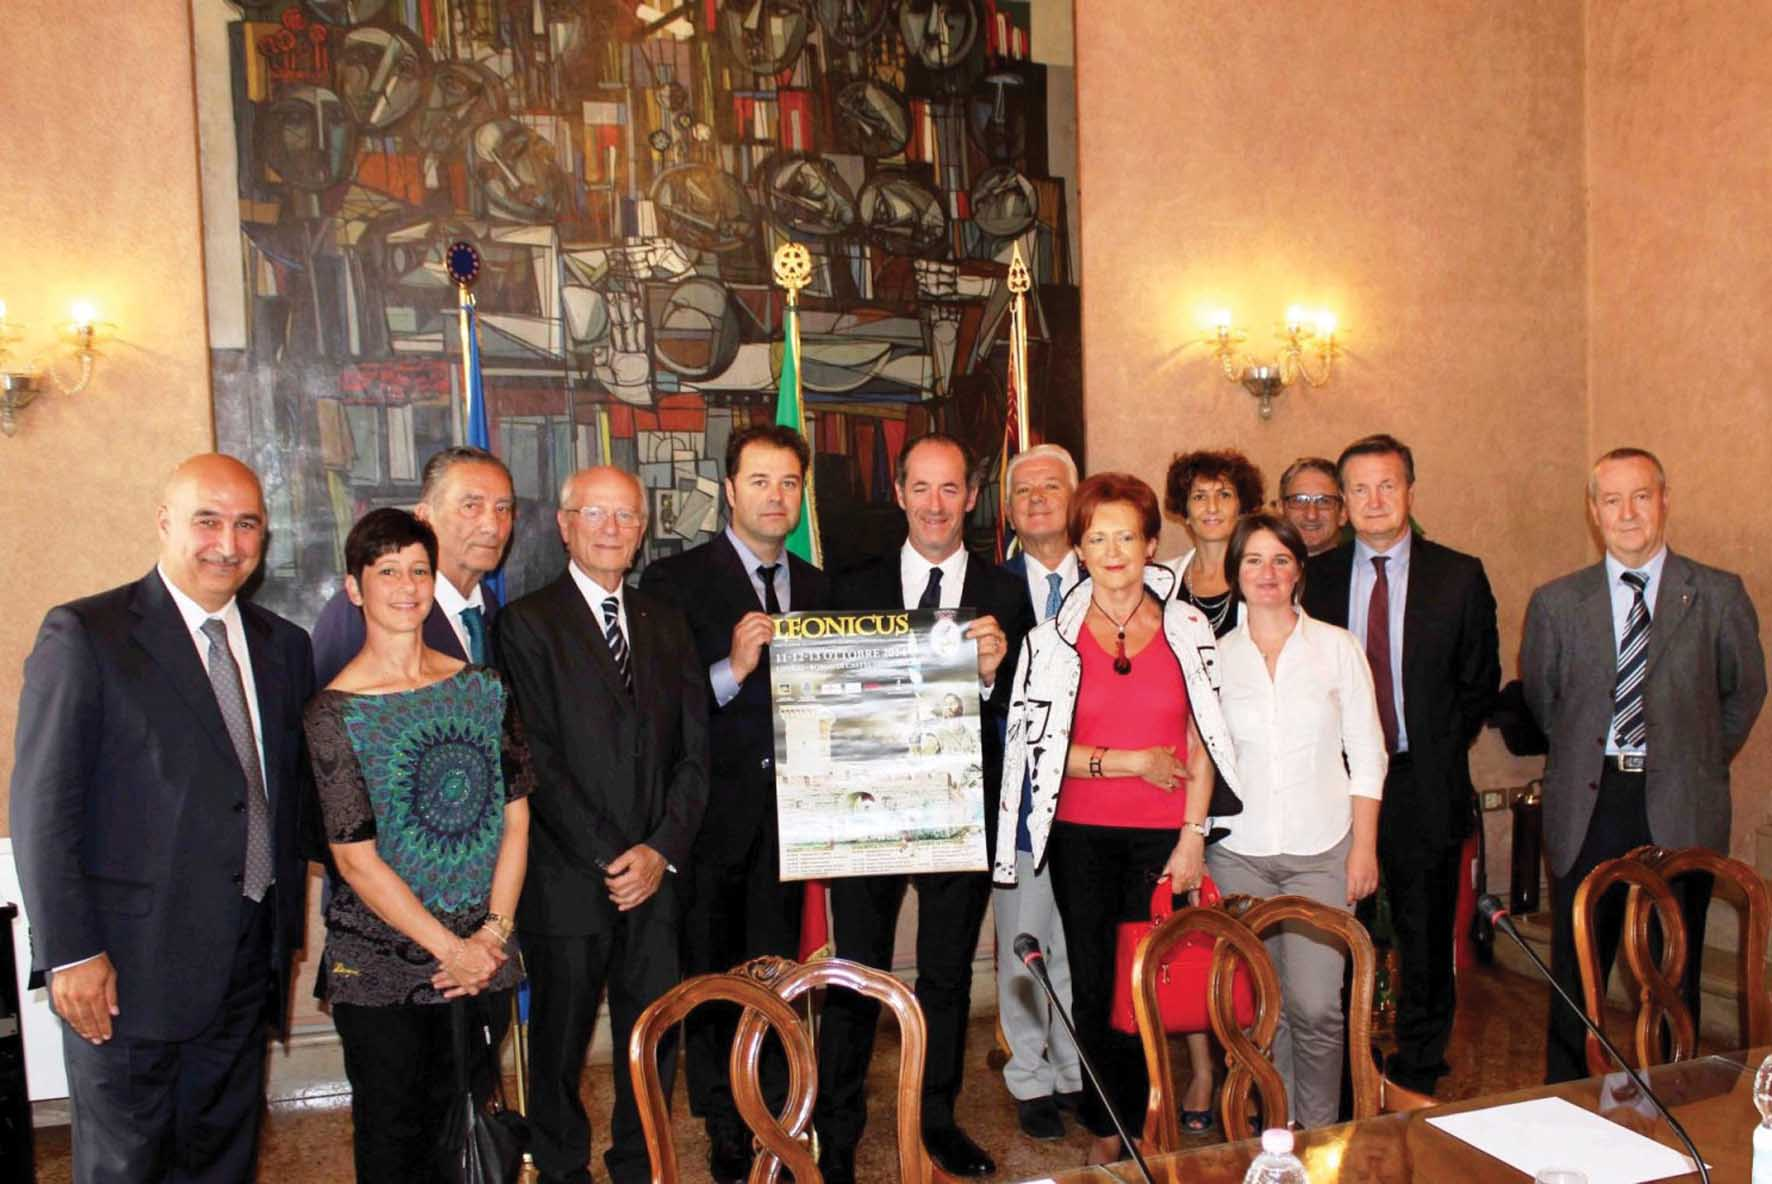 Veneto progetto Leonicus Finozzi Zaia 1